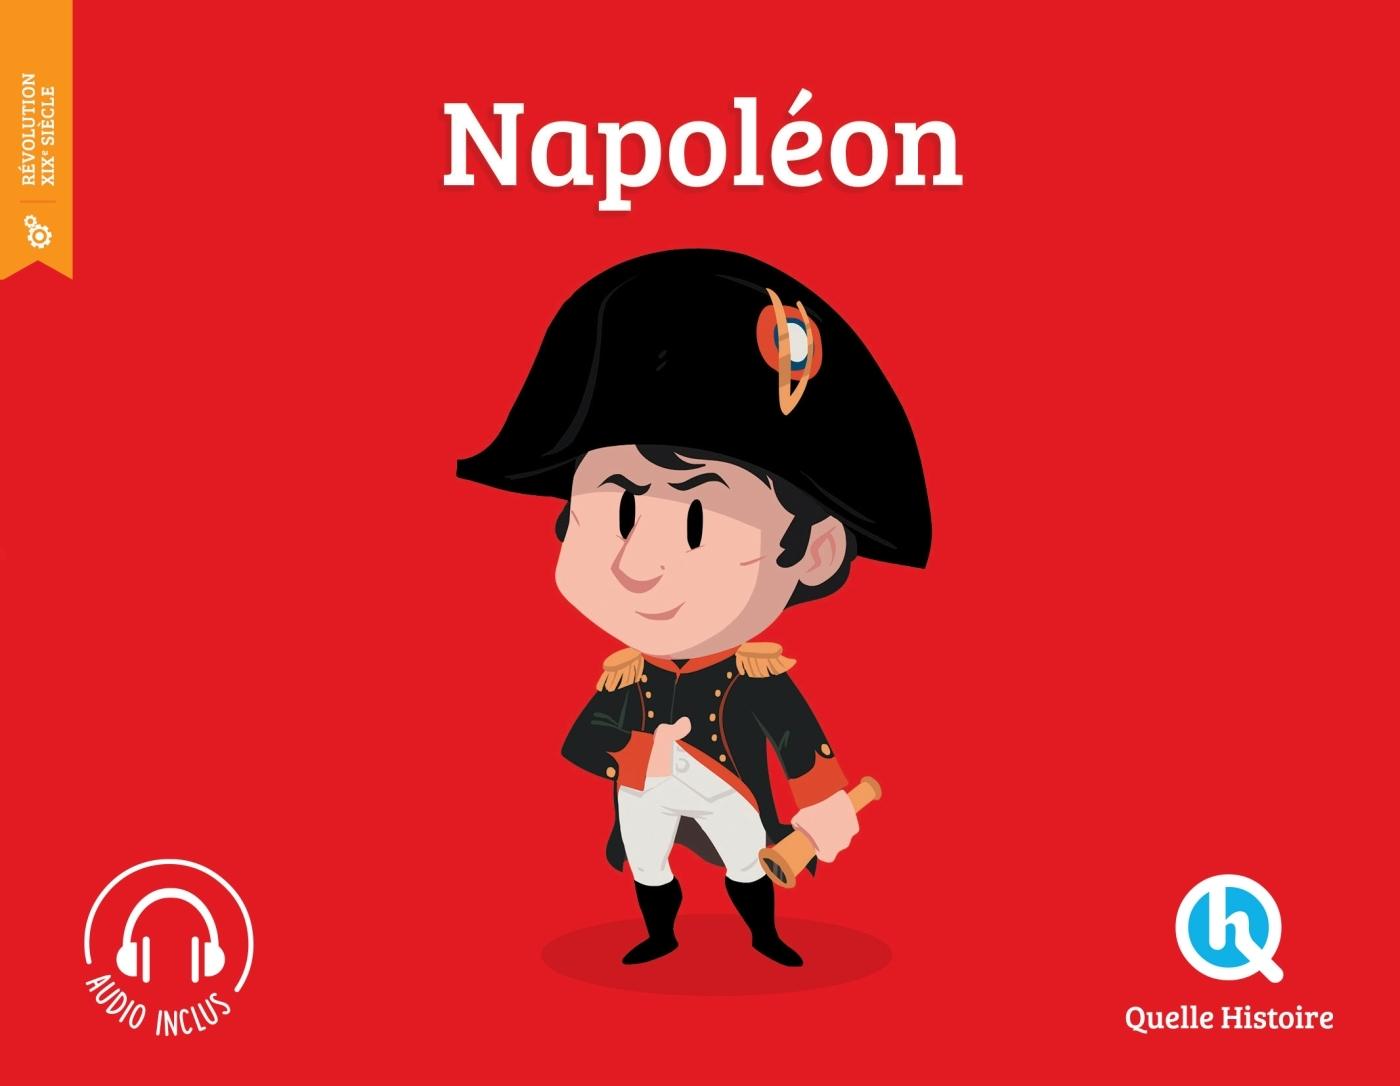 NAPOLEON (2019)